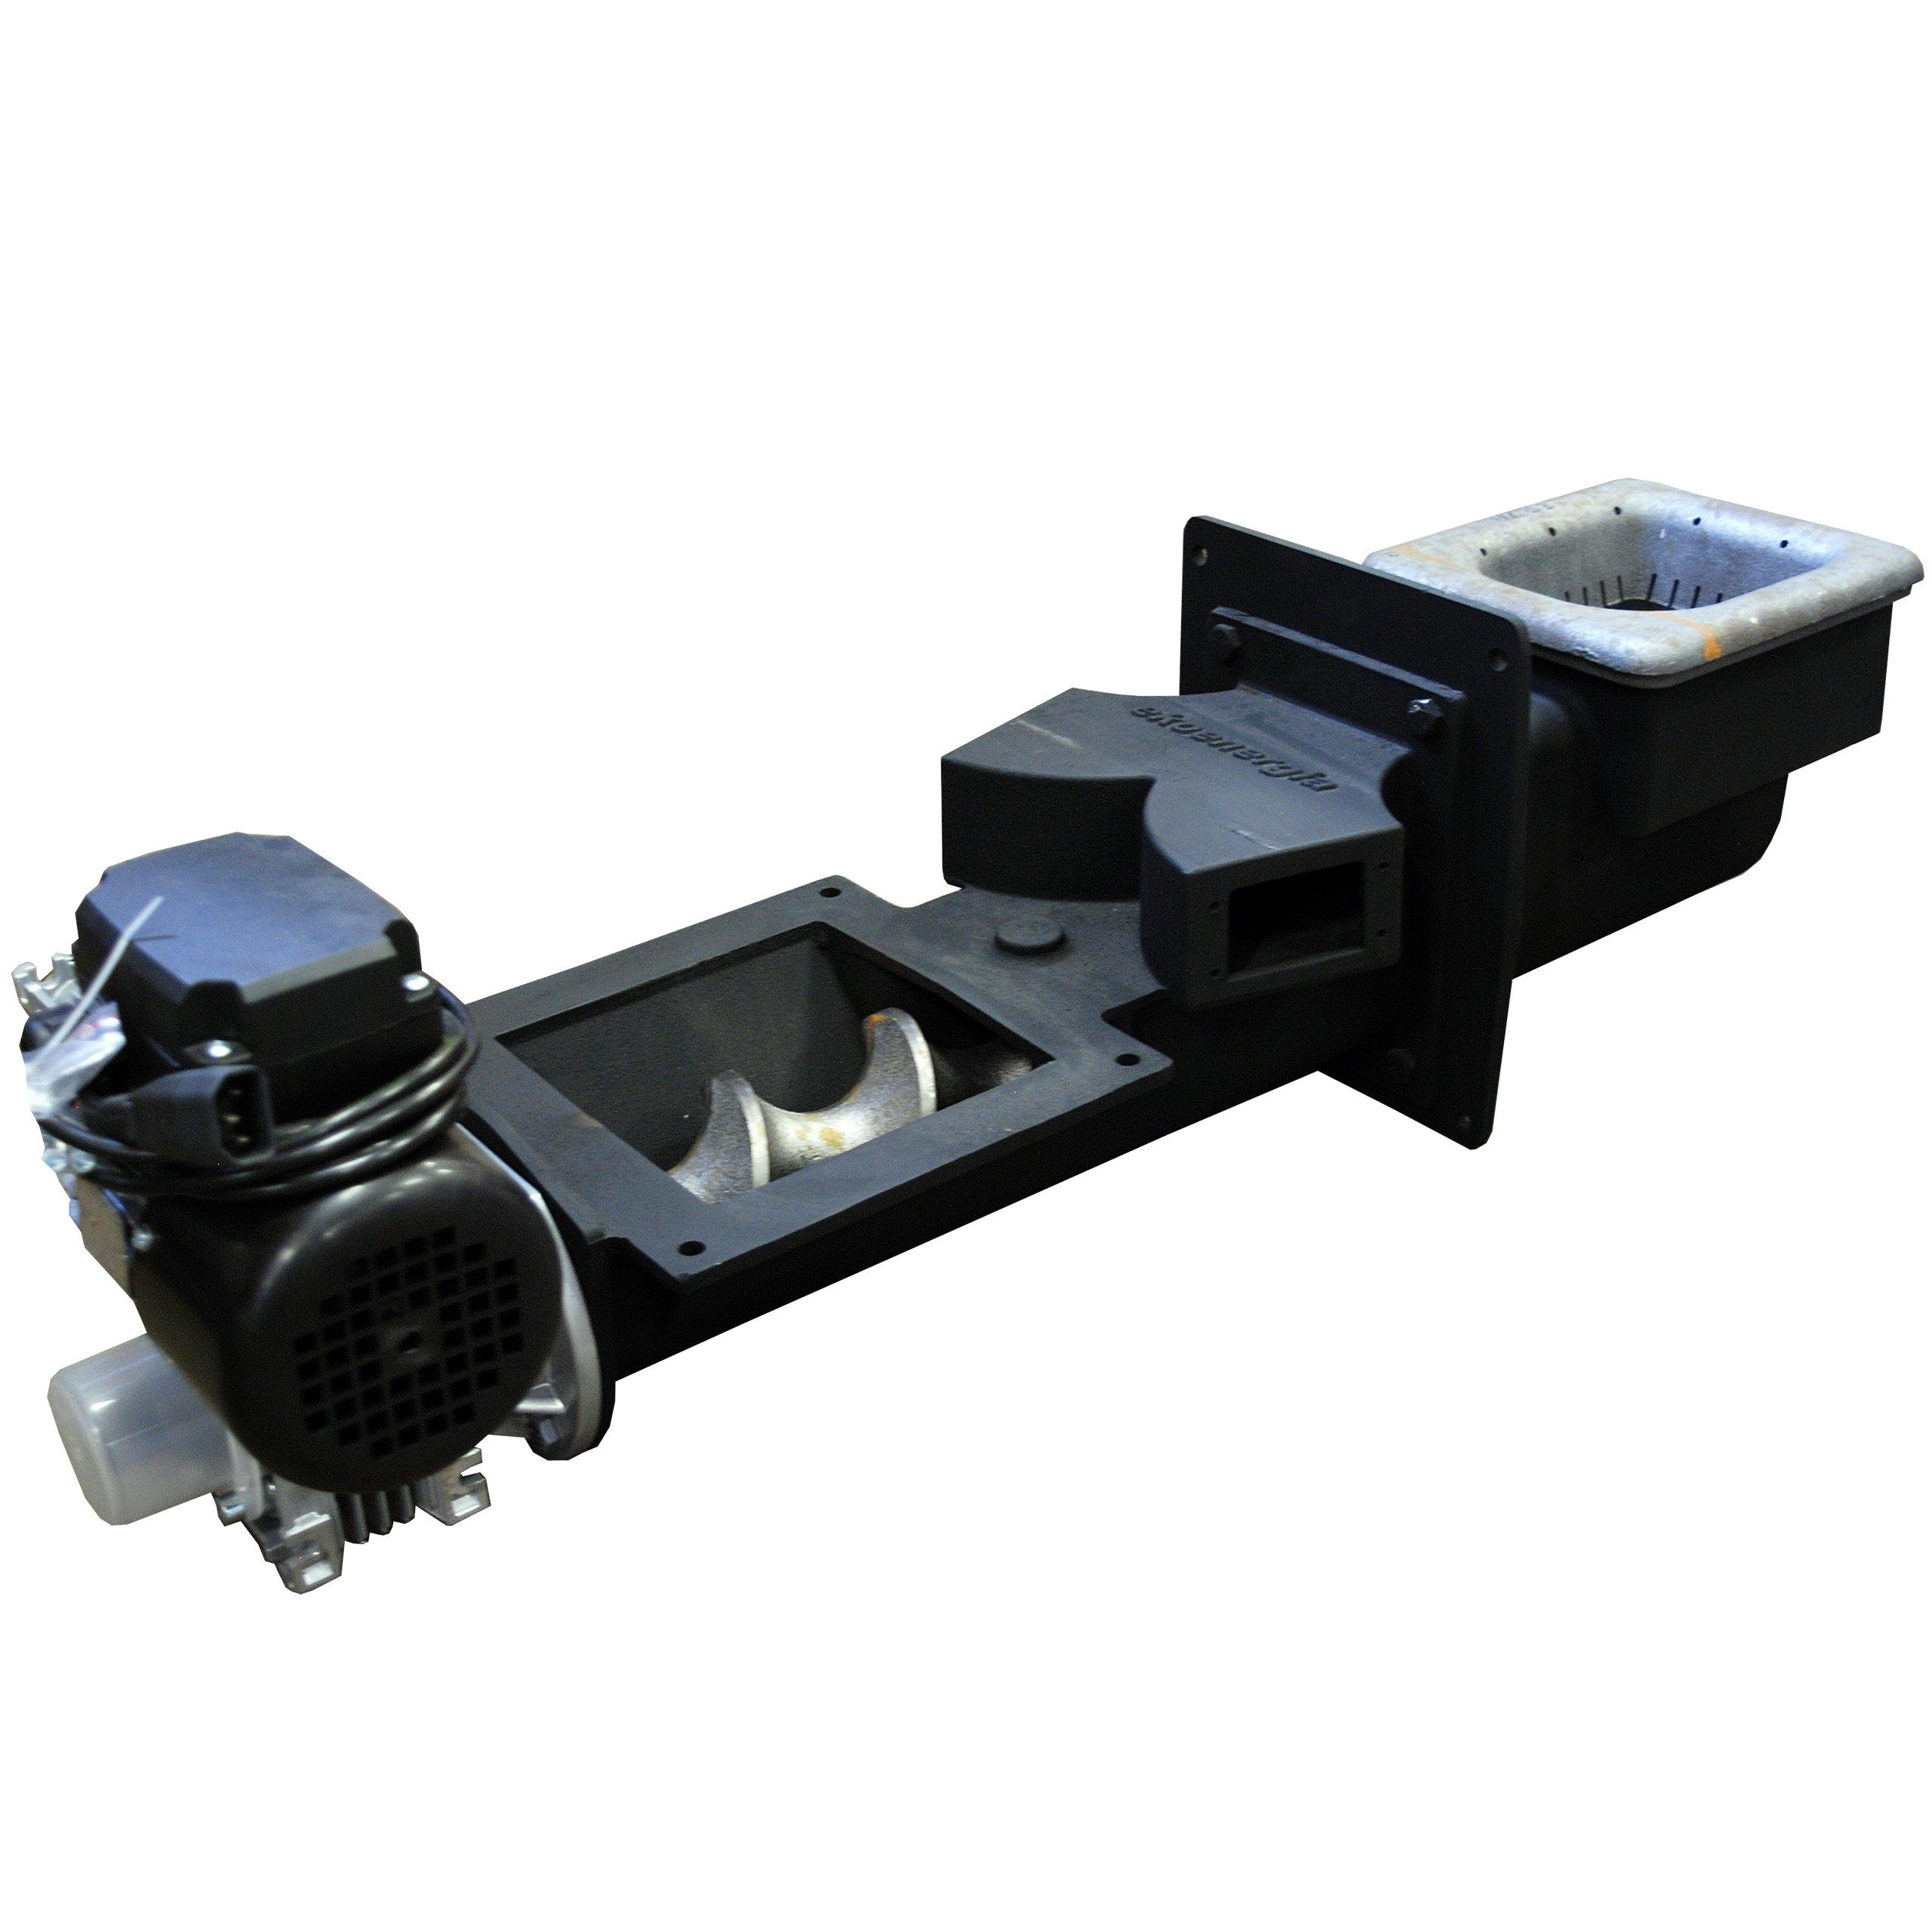 Liatinový podávač, závitovka pre pec s výkonom 25 kW od firmy DOMER